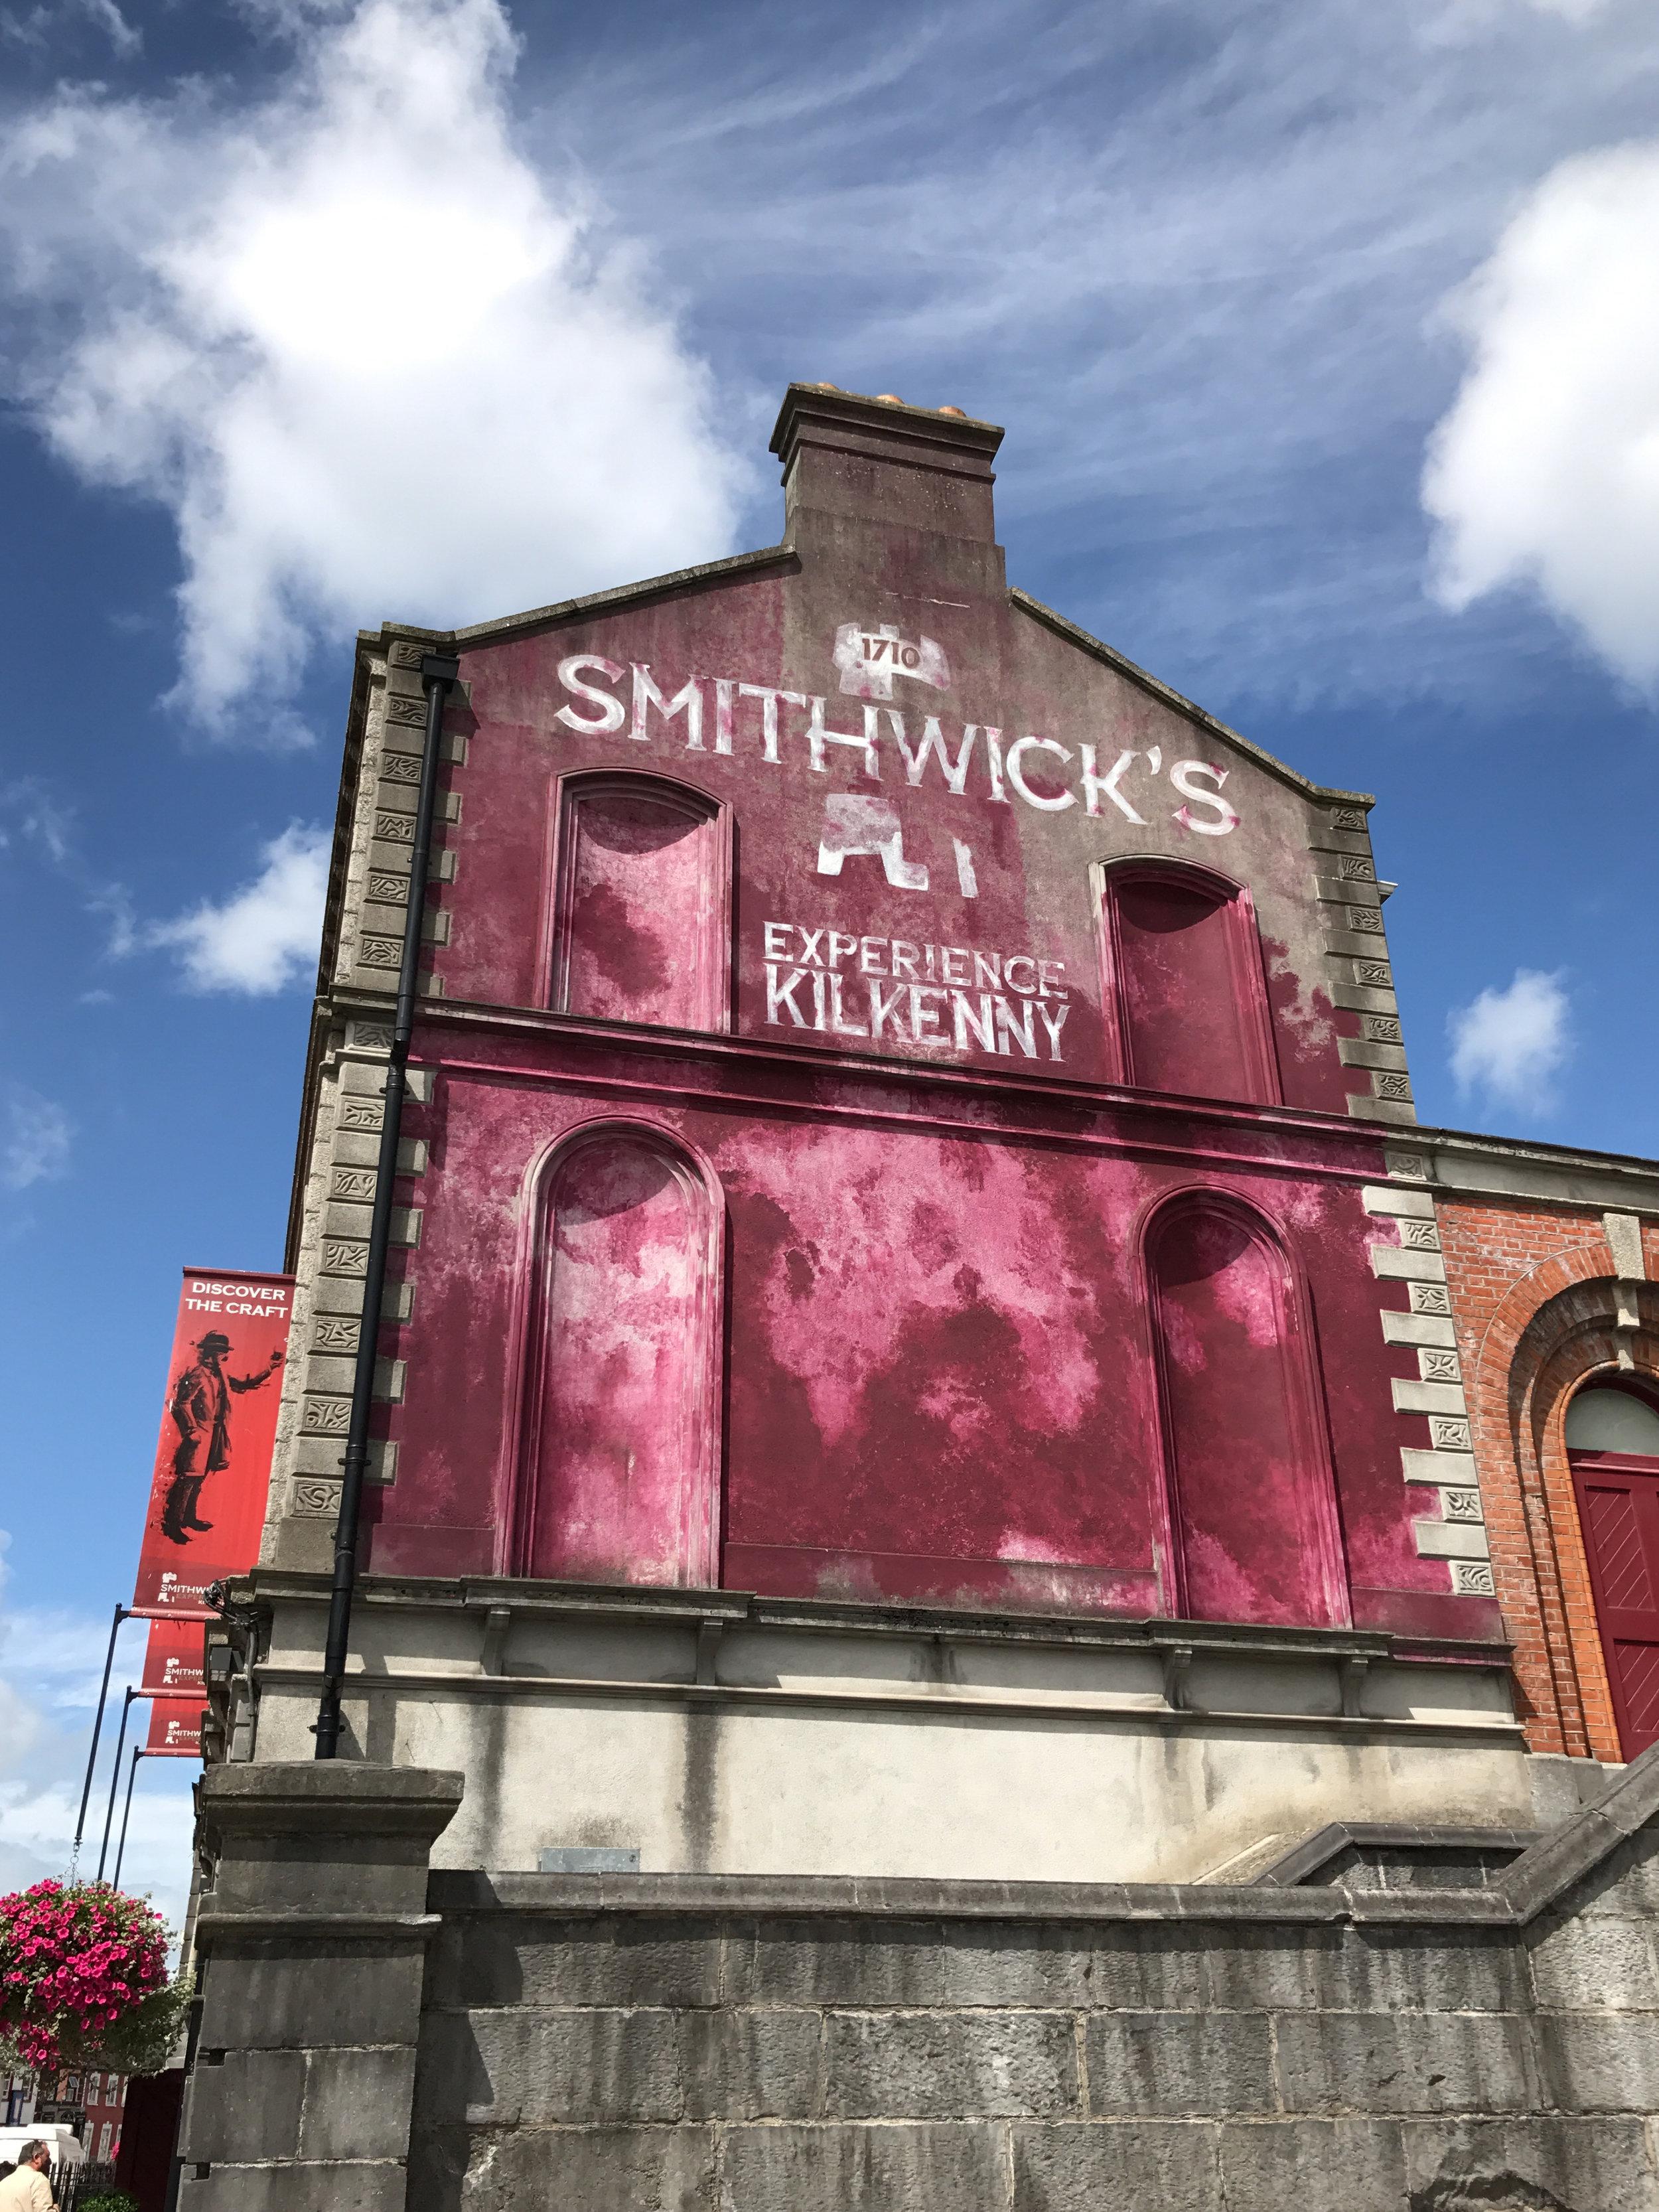 Smithwicks beer tour, Kilkenny